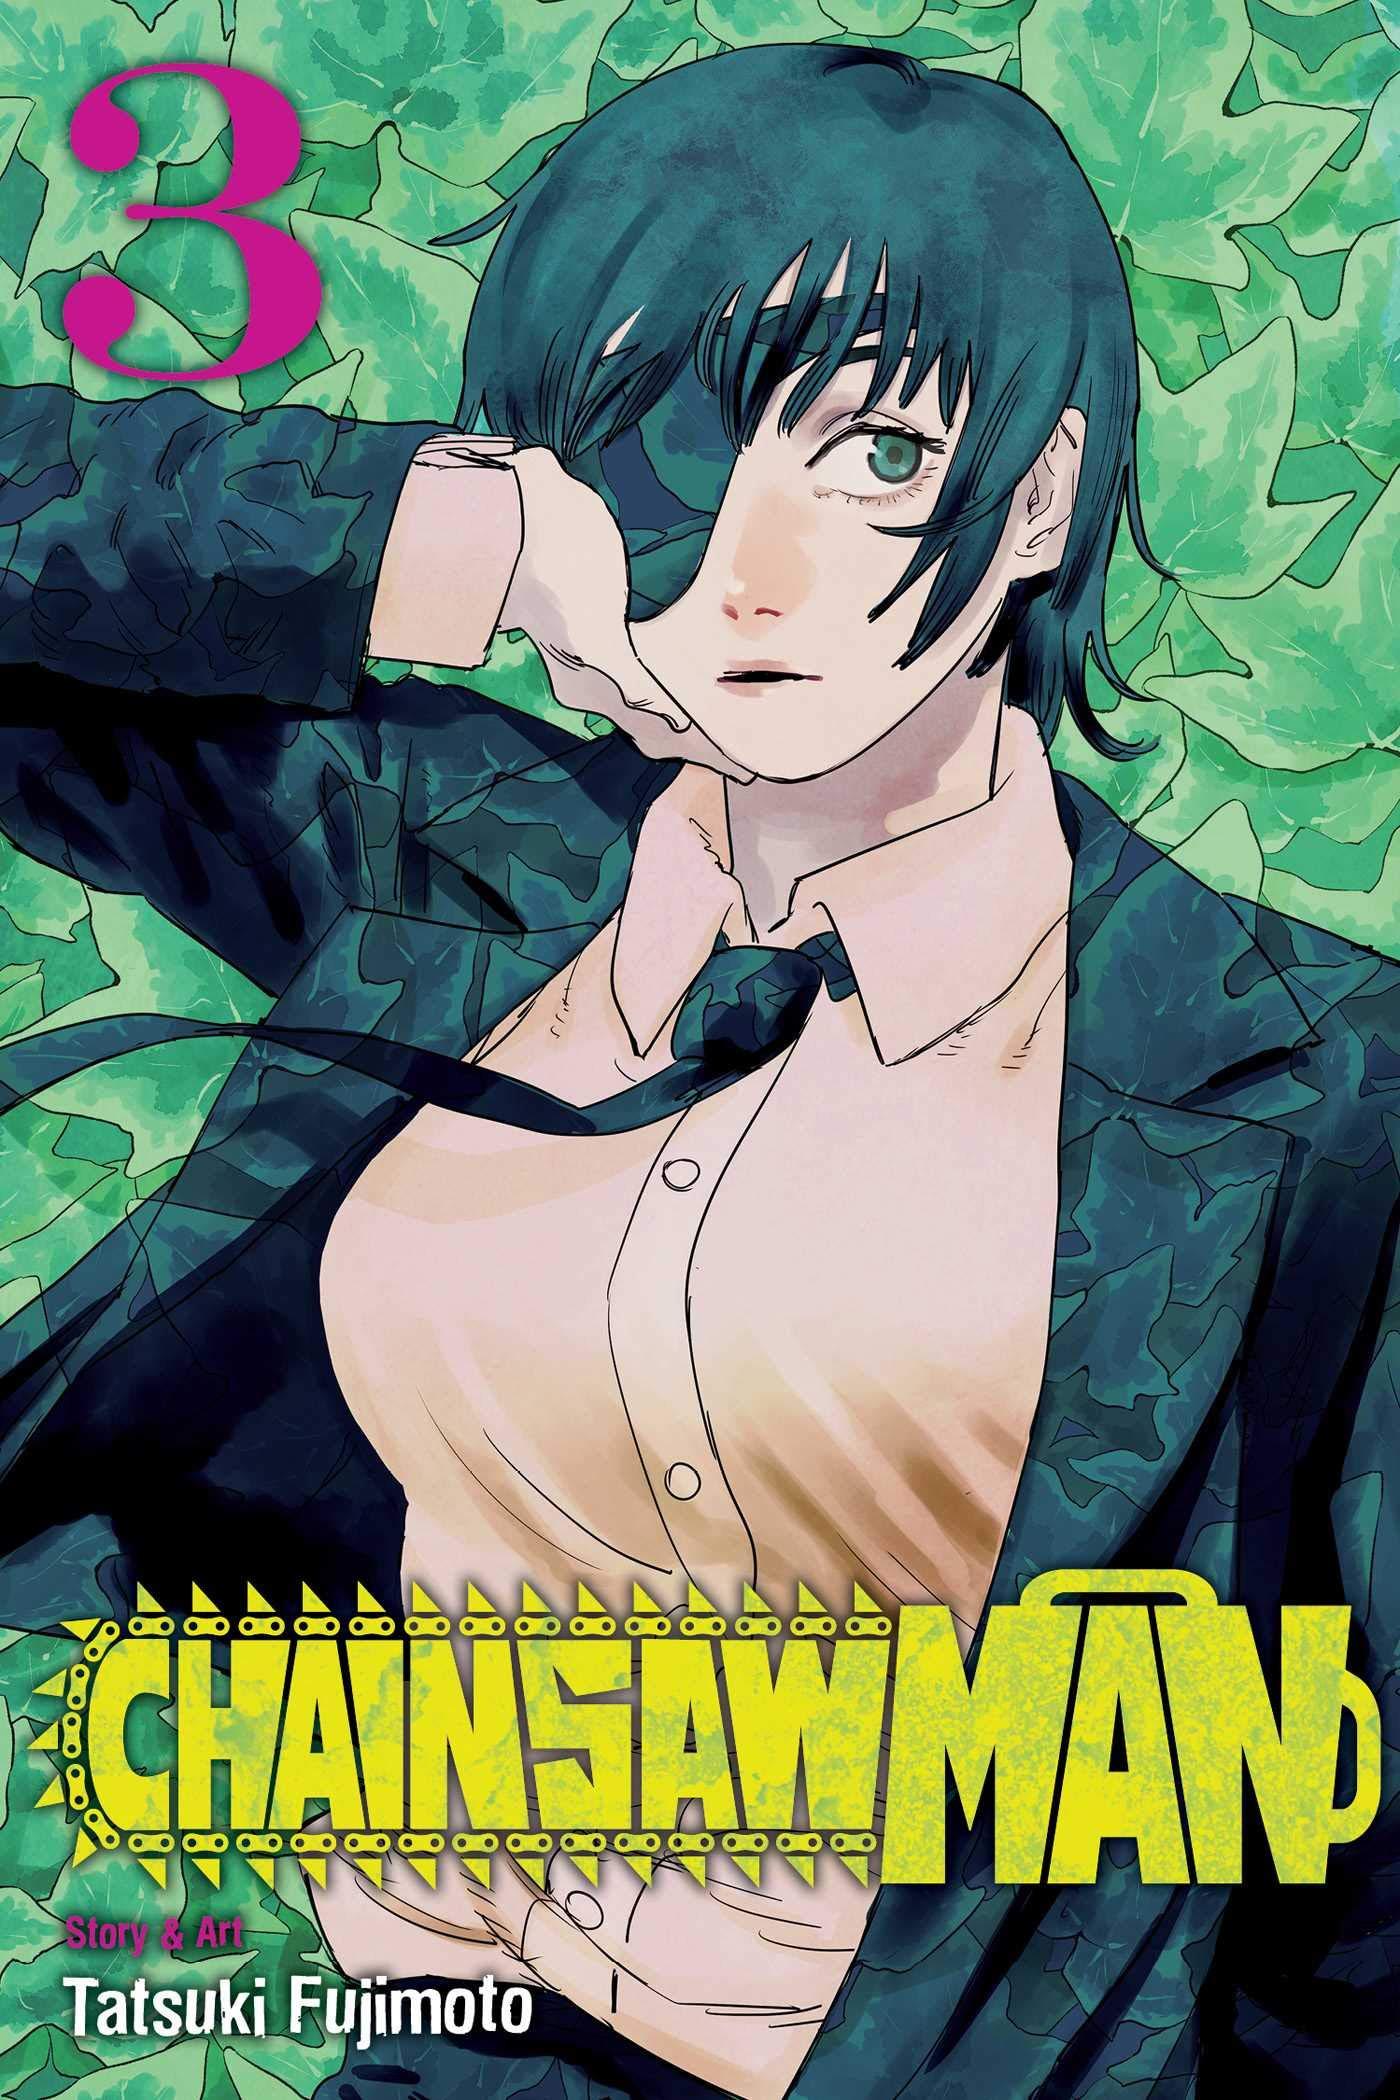 Chainsaw Man 3